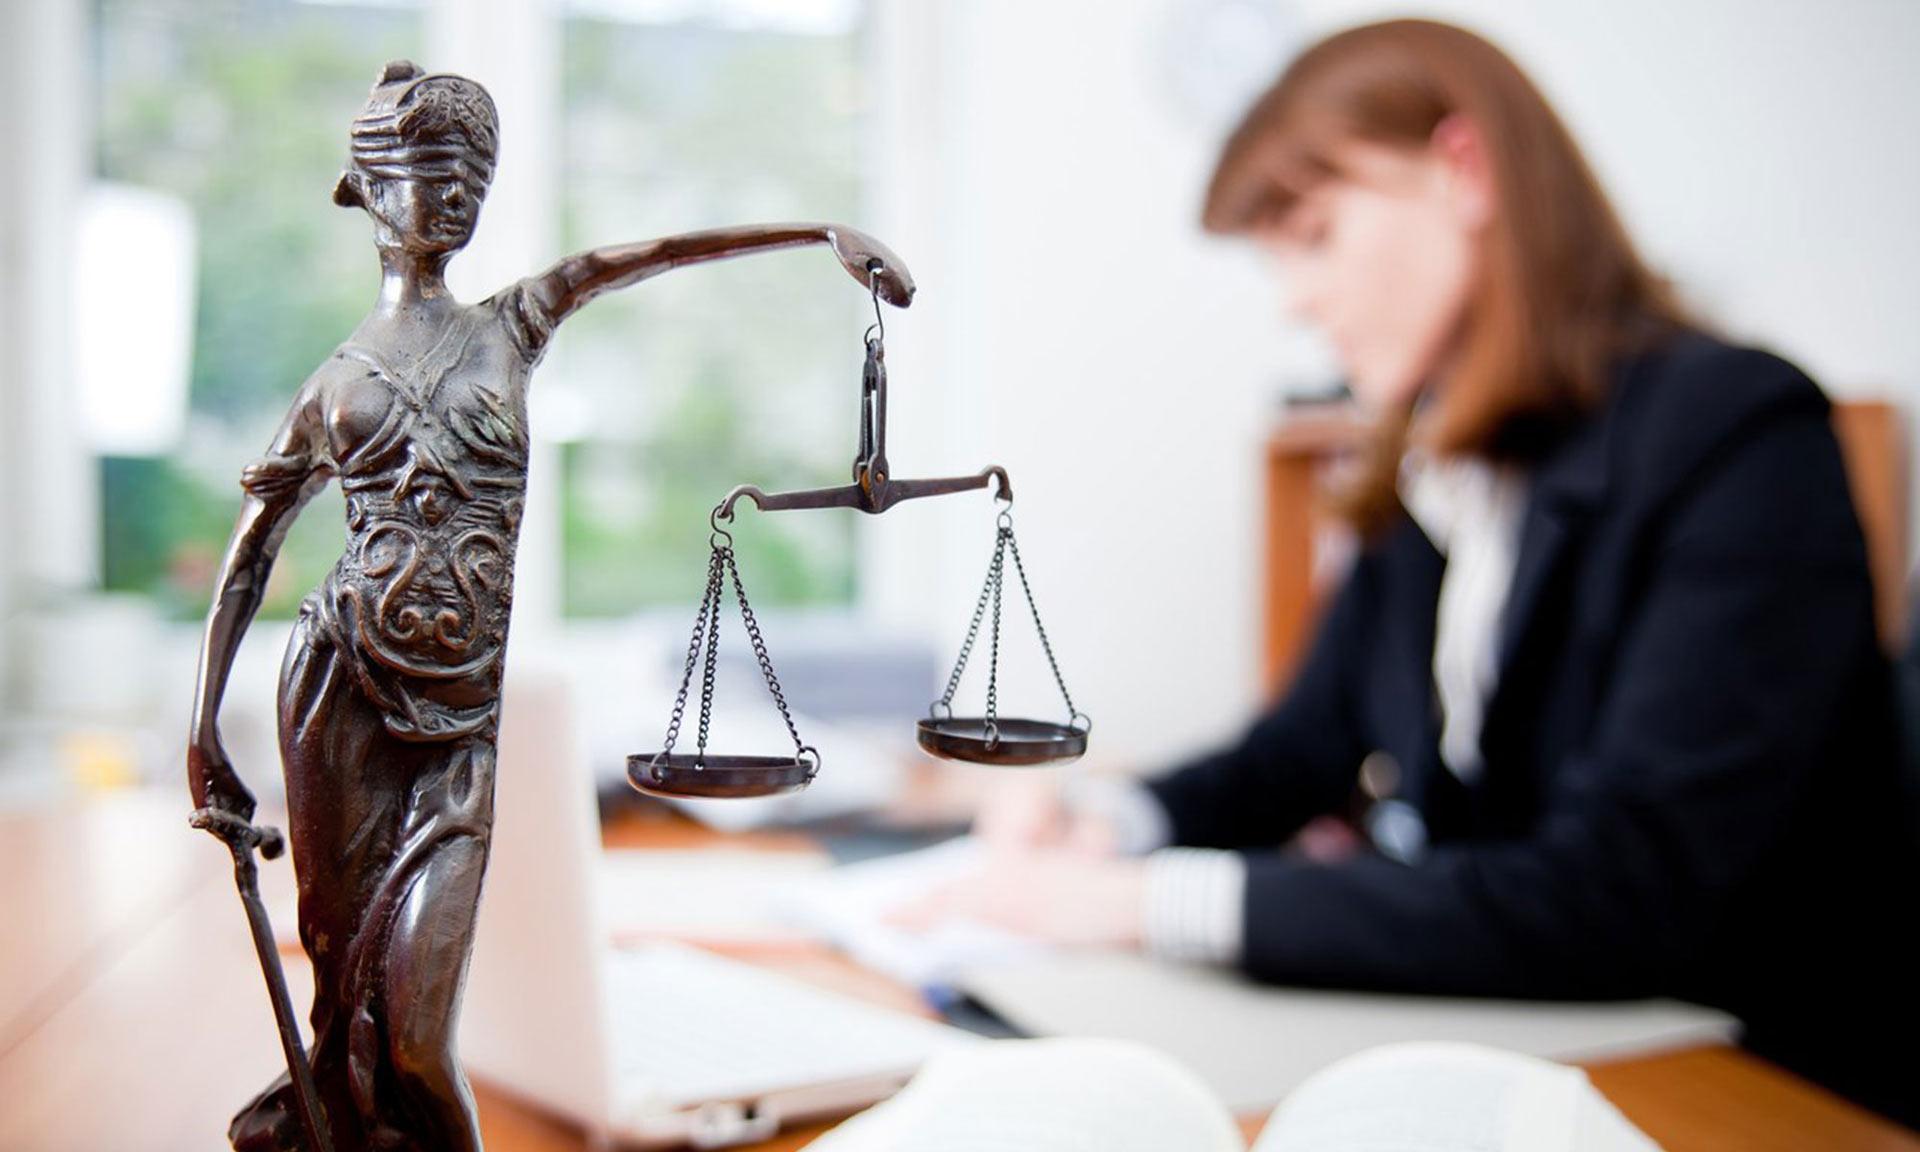 Вебинар: Как открыть свое дело, юридические аспекты